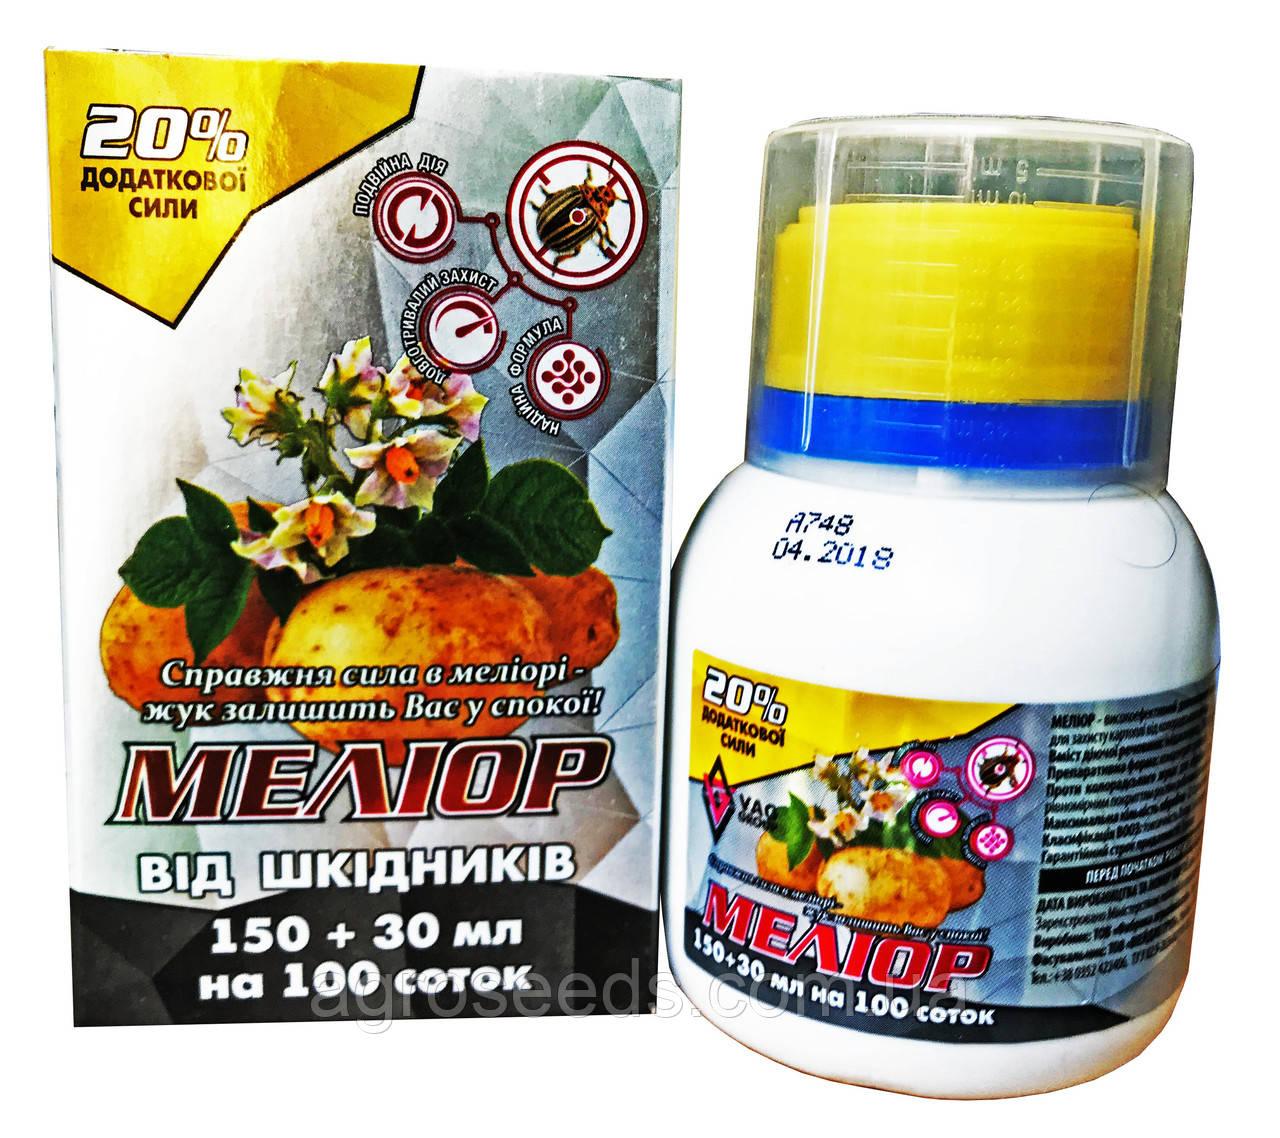 Инсектицид Мелиор 180 мл на 100 соток